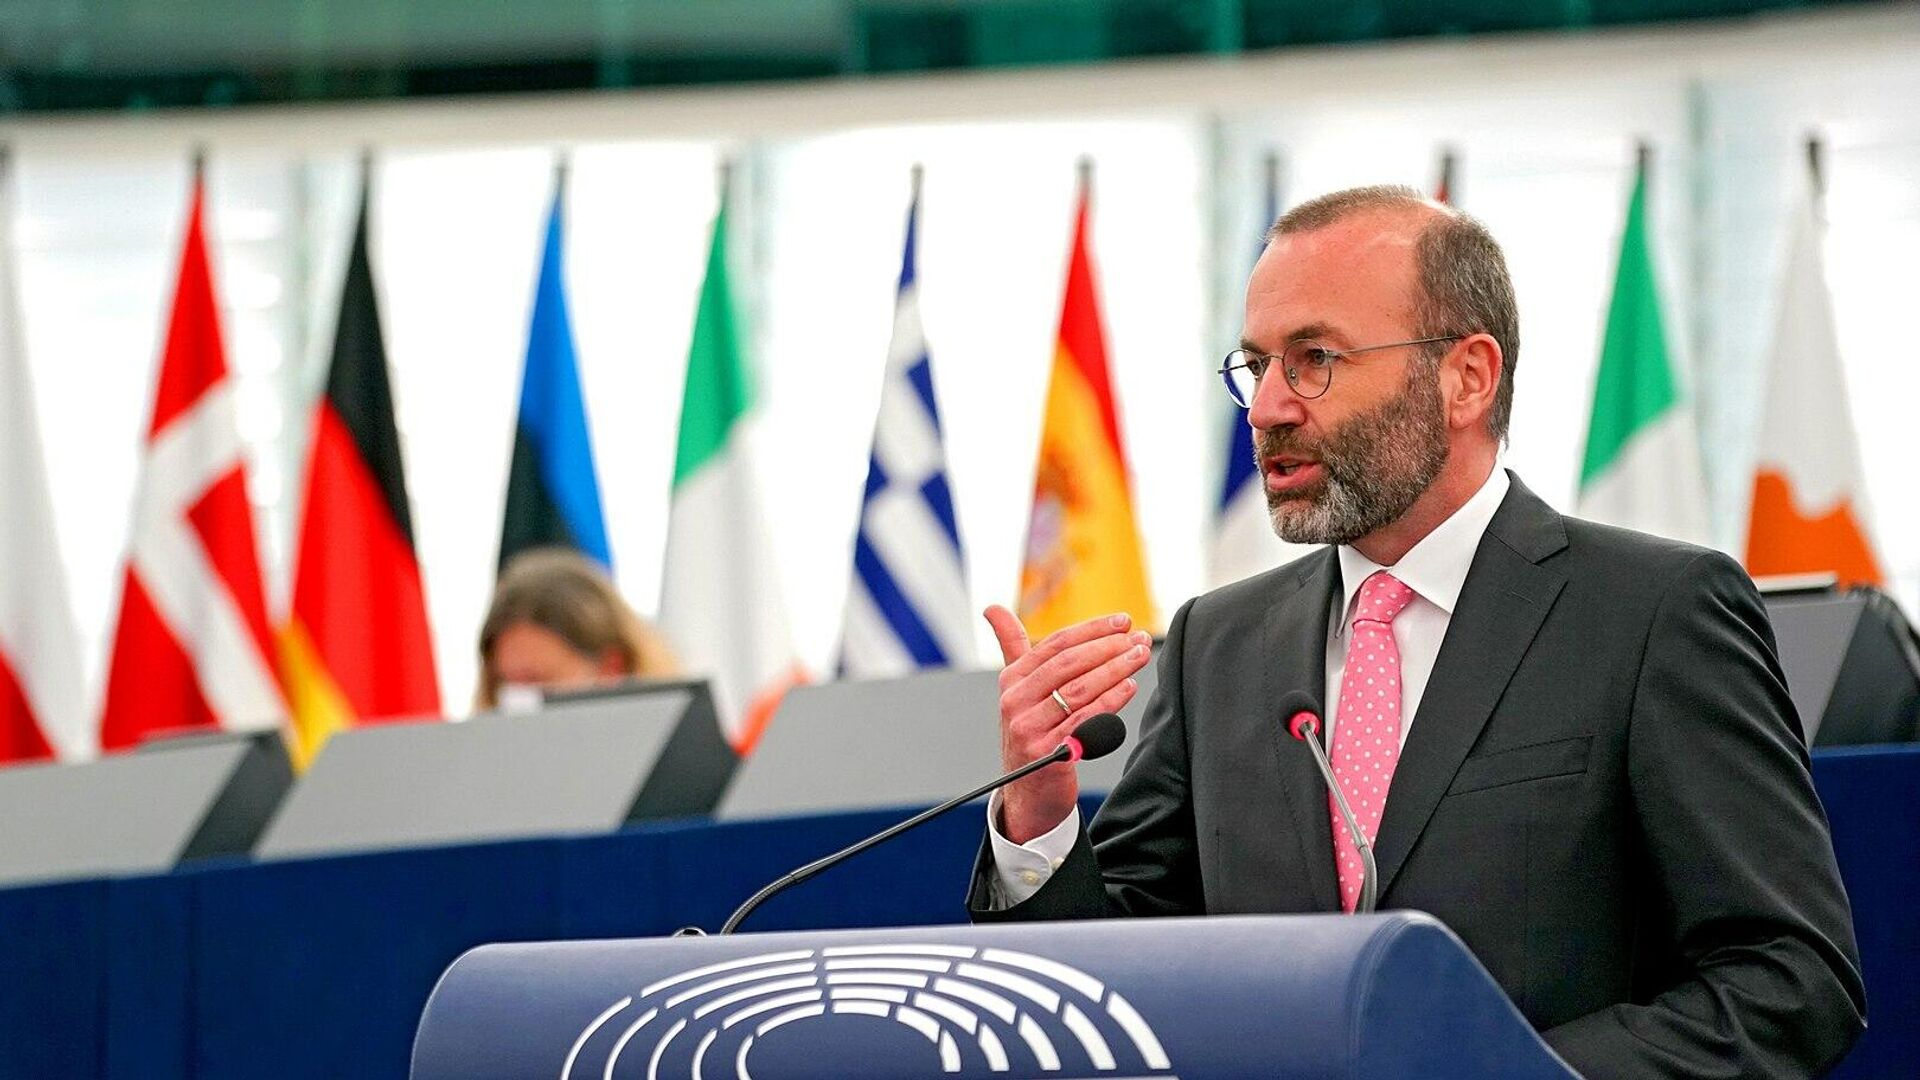 EVP-Politiker Manfred Weber - SNA, 1920, 08.09.2021